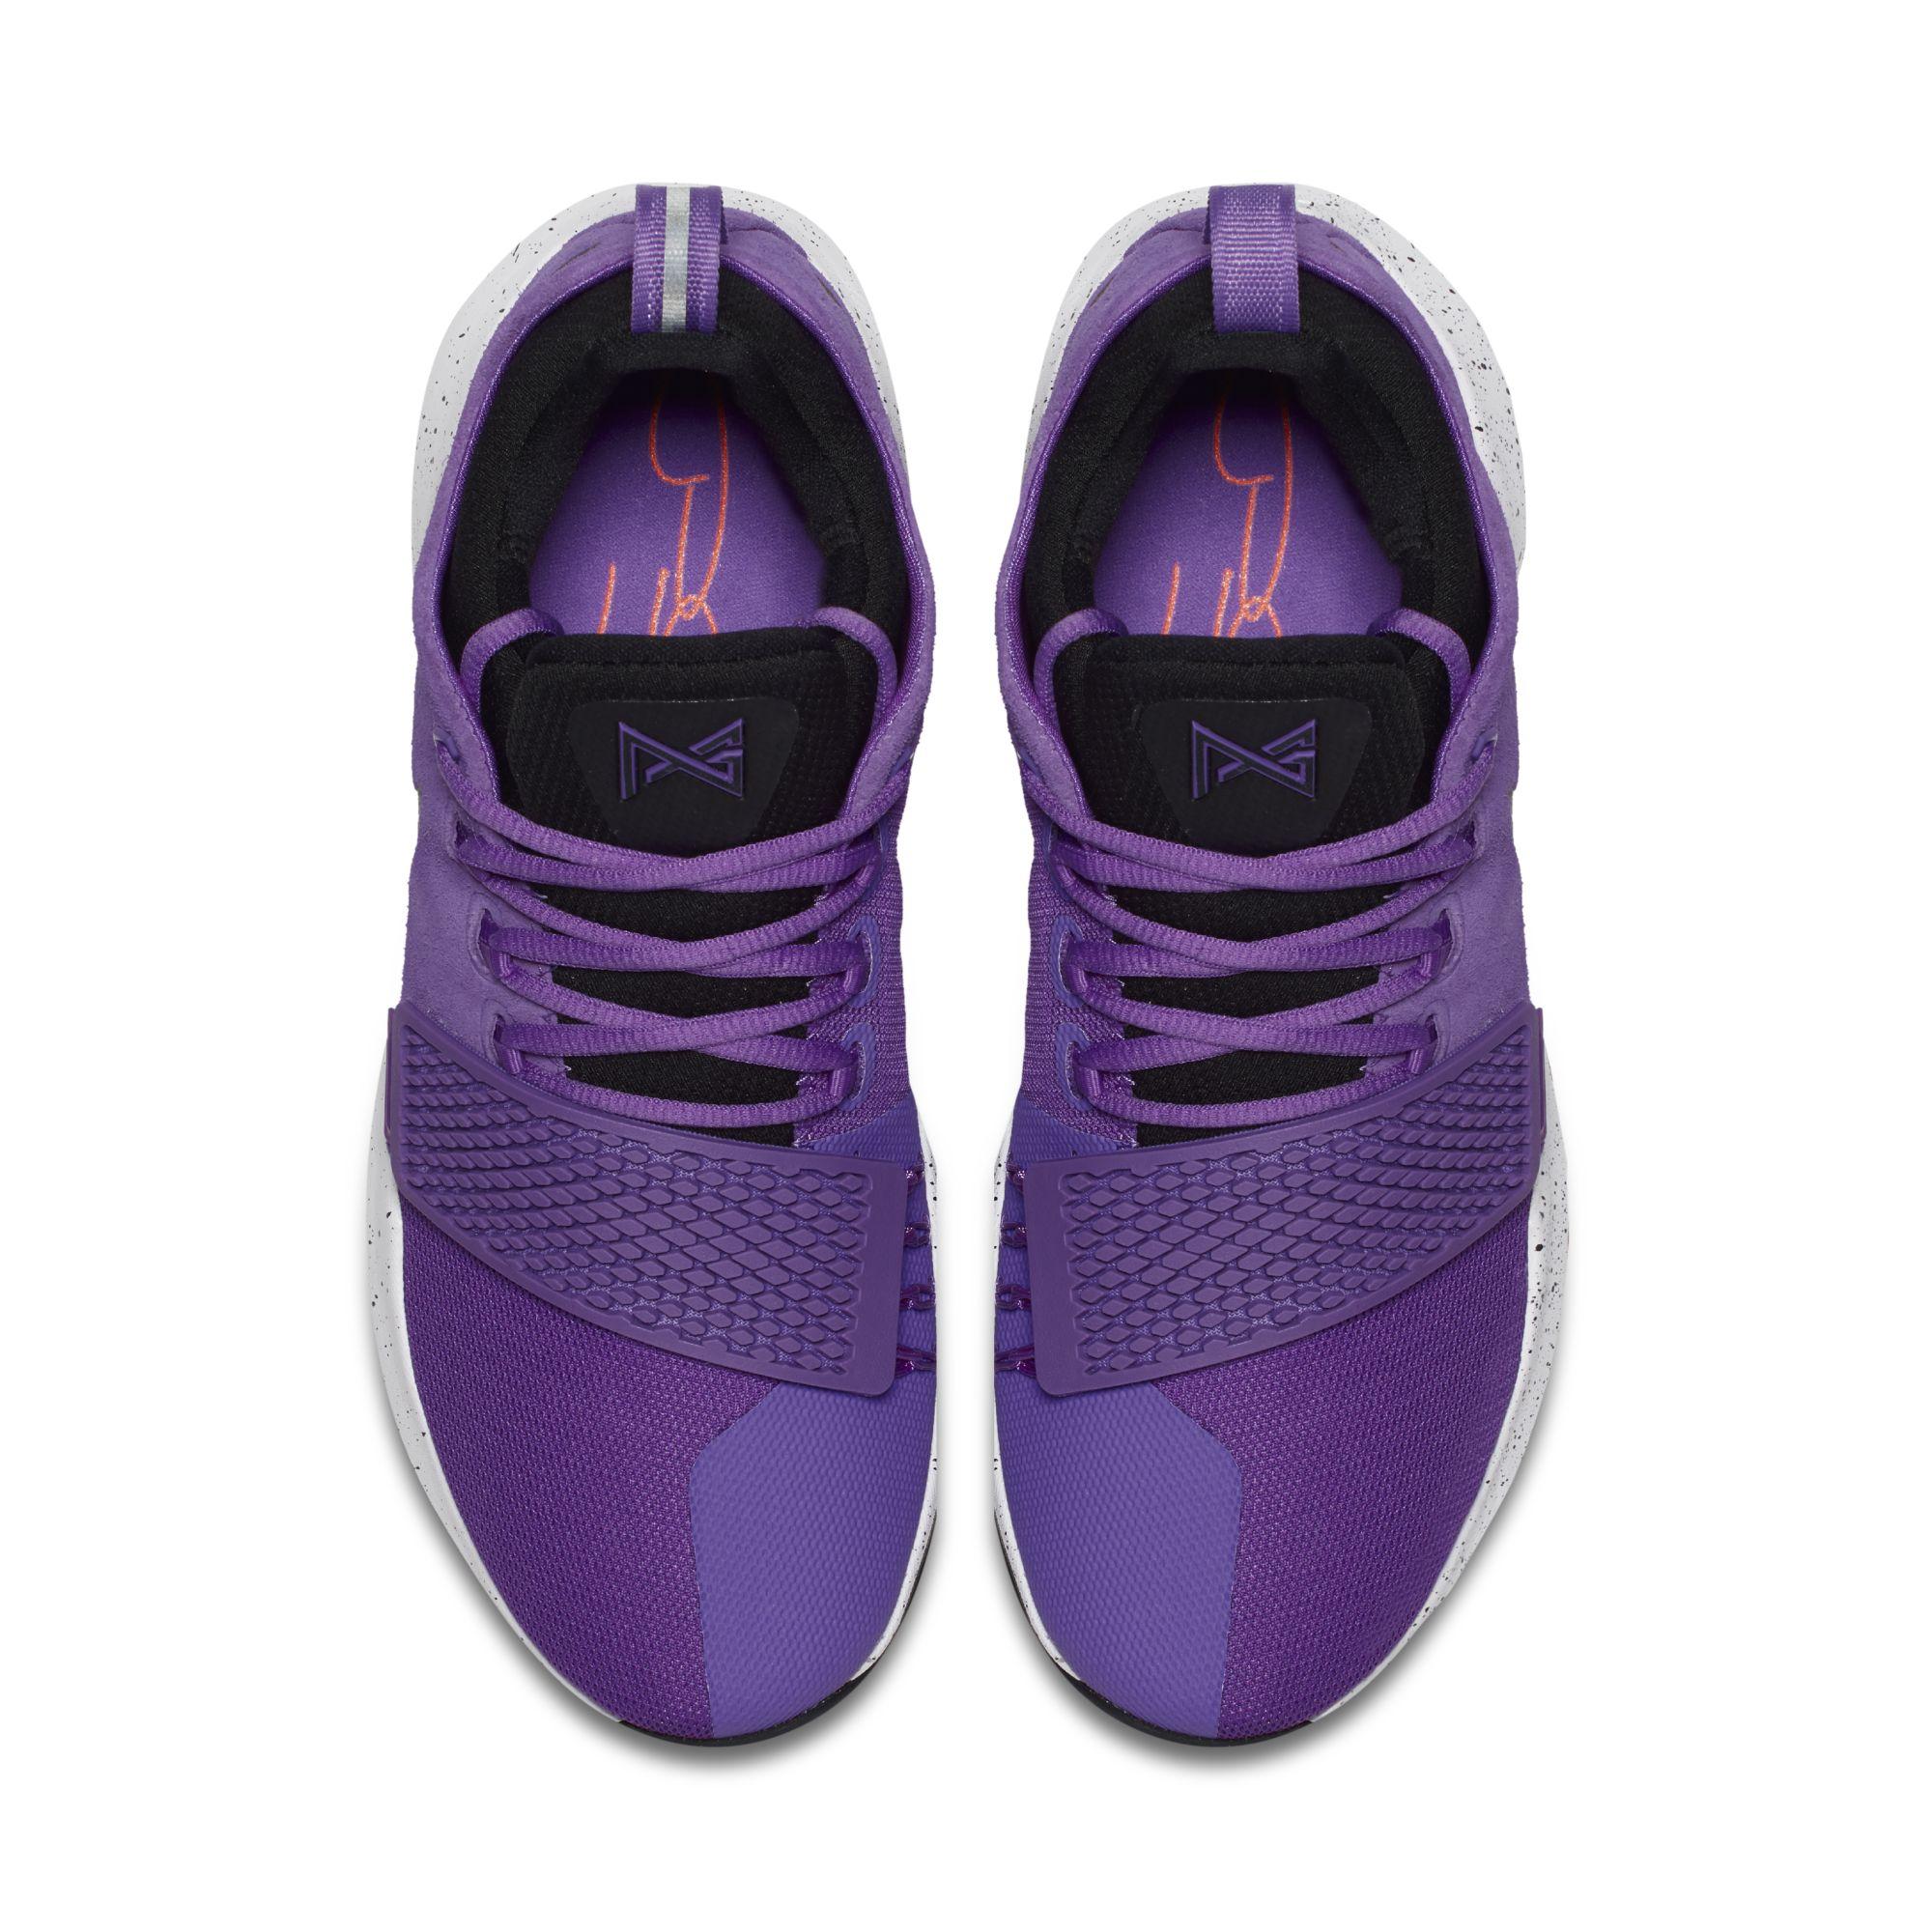 1d070da080d5 Limited Edition Kd 5 Shoes